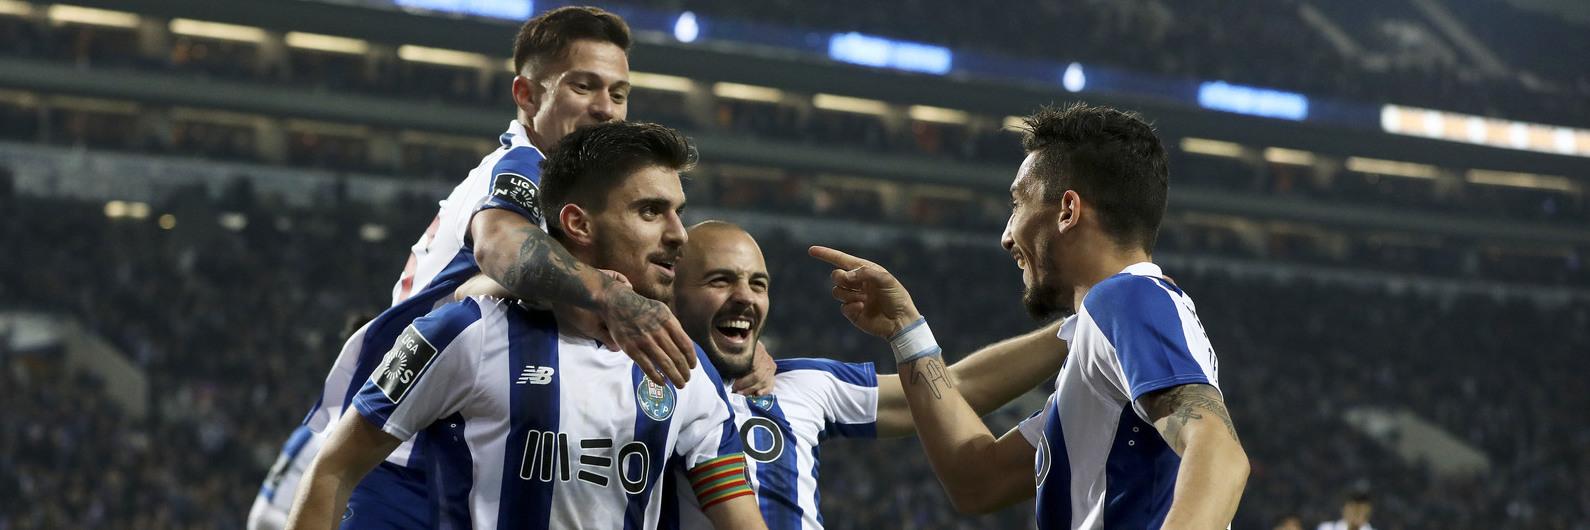 FC Porto-Juventus: Melhor fase dos 'dragões' em colisão com uma 'velha senhora' em alta